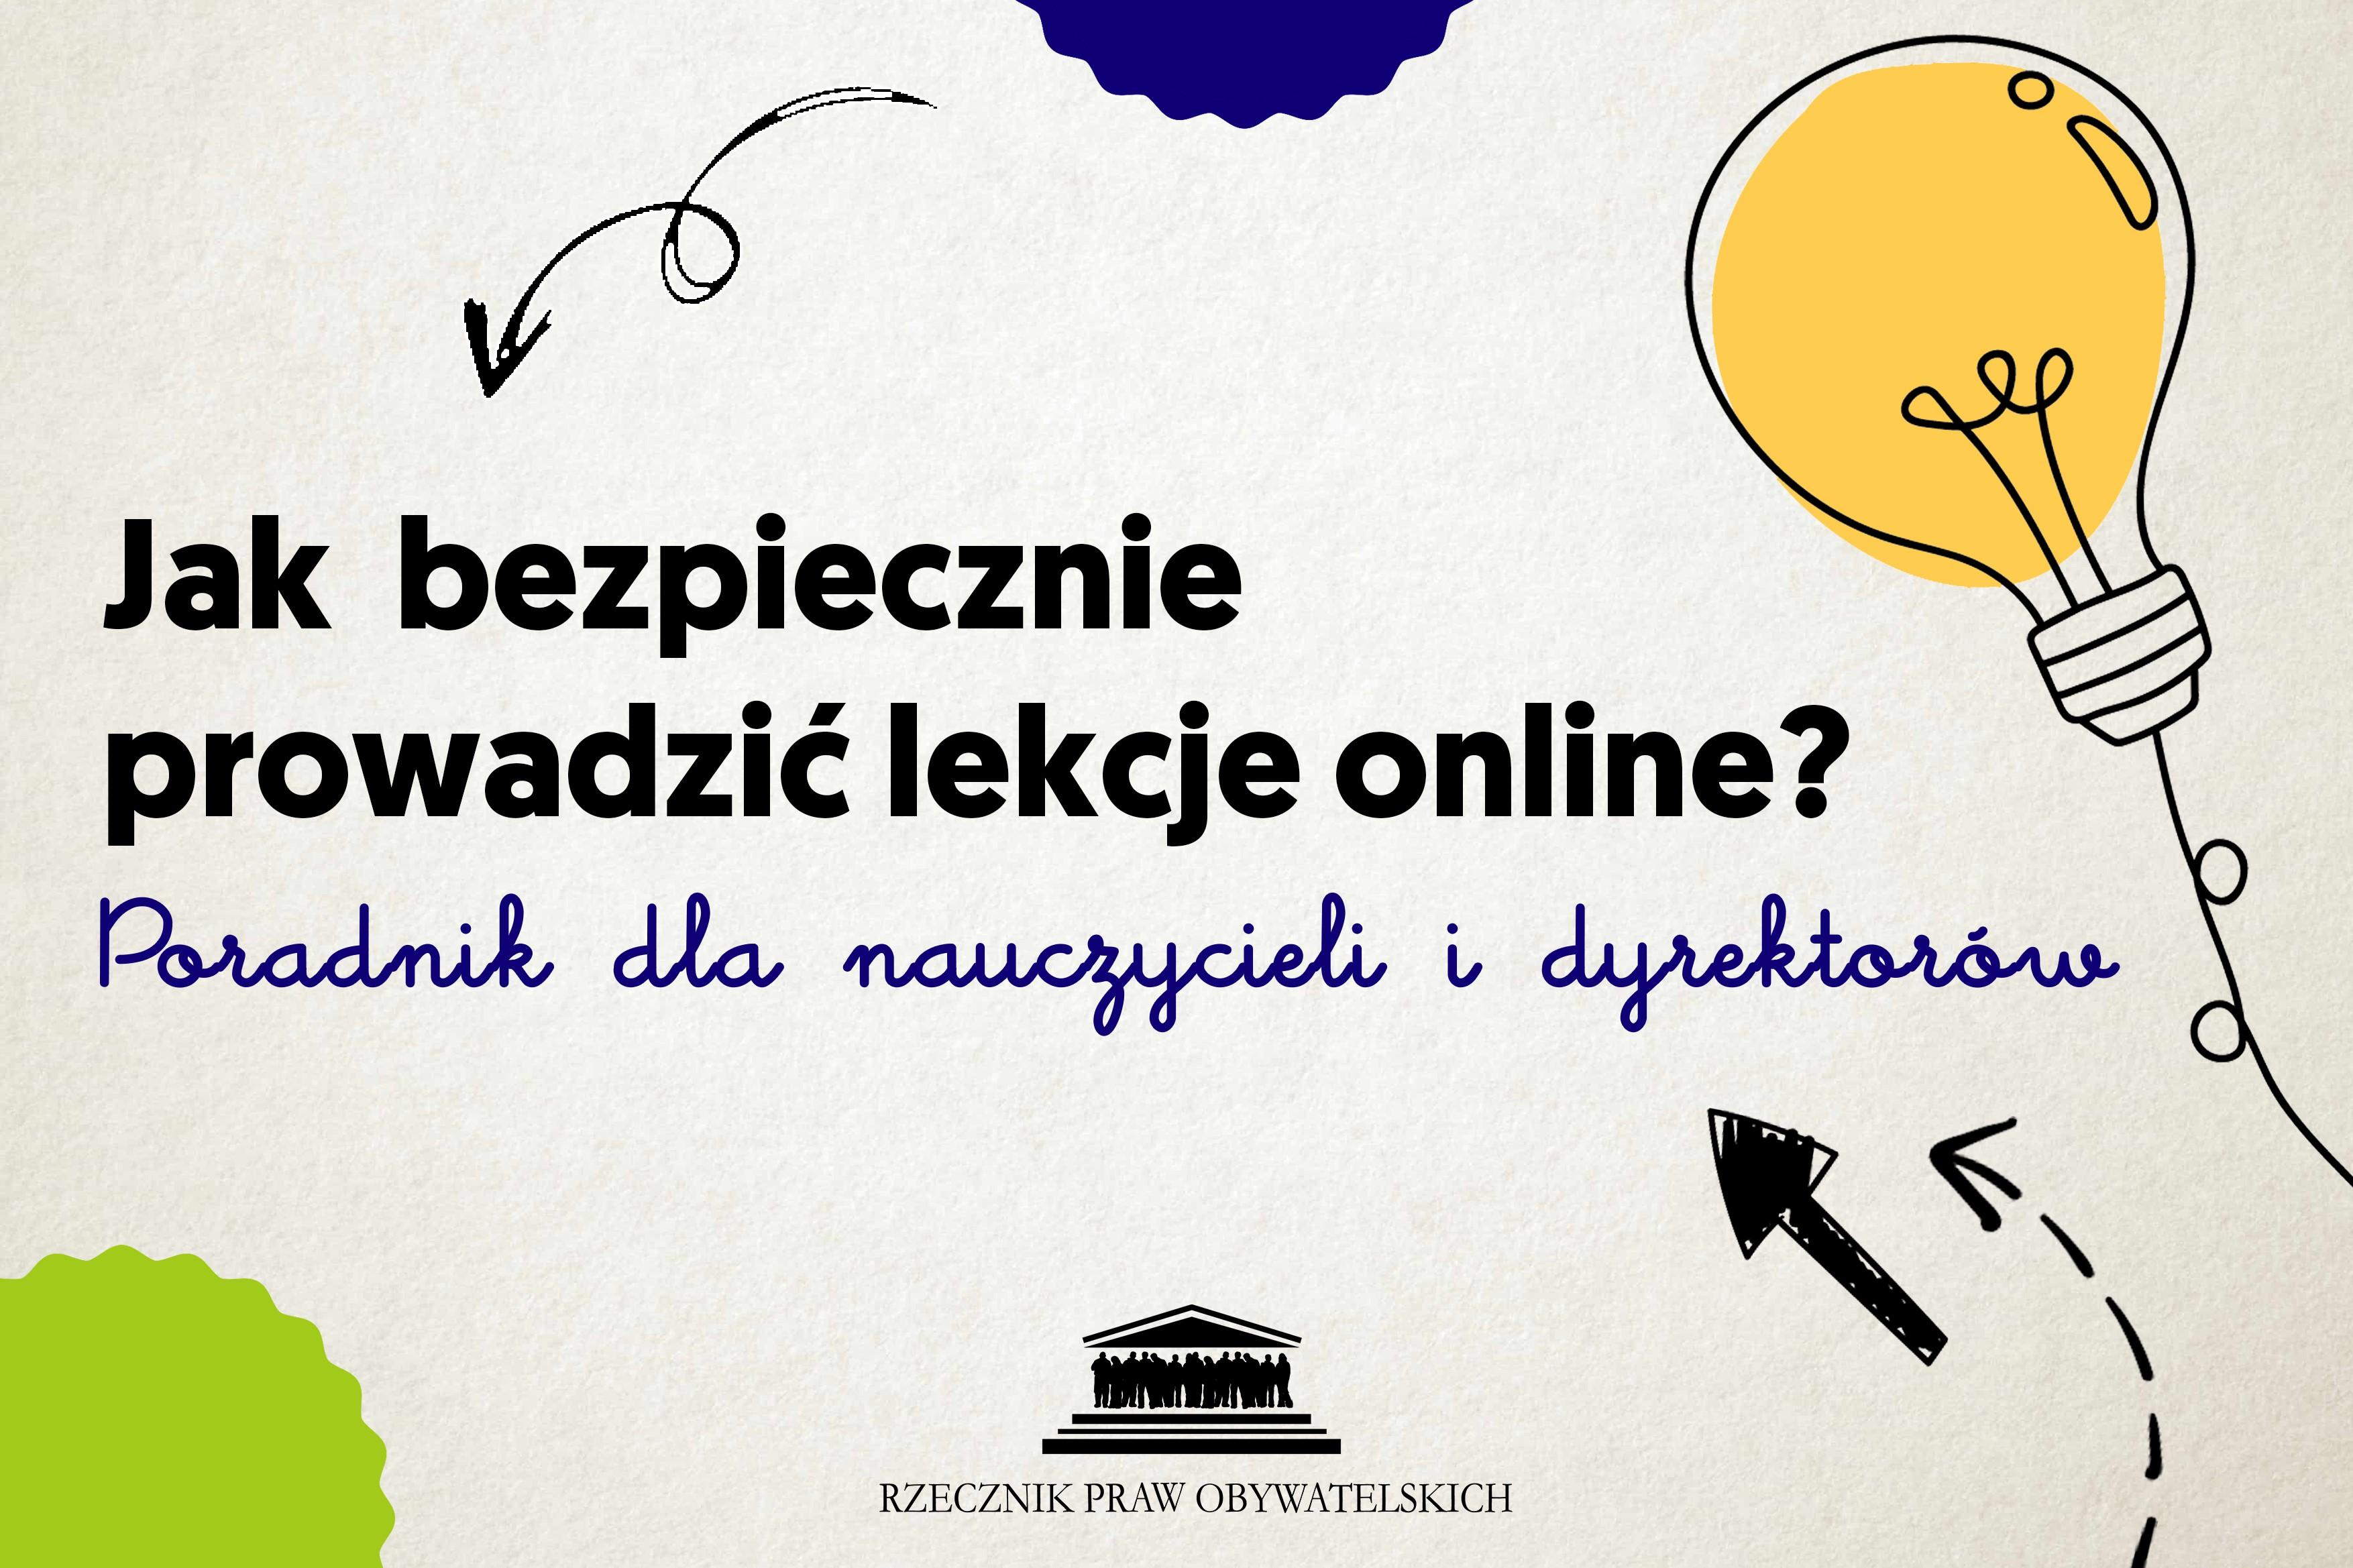 szara plansza z żółtą żarówką i napisem - jak prowadzić lekcje online